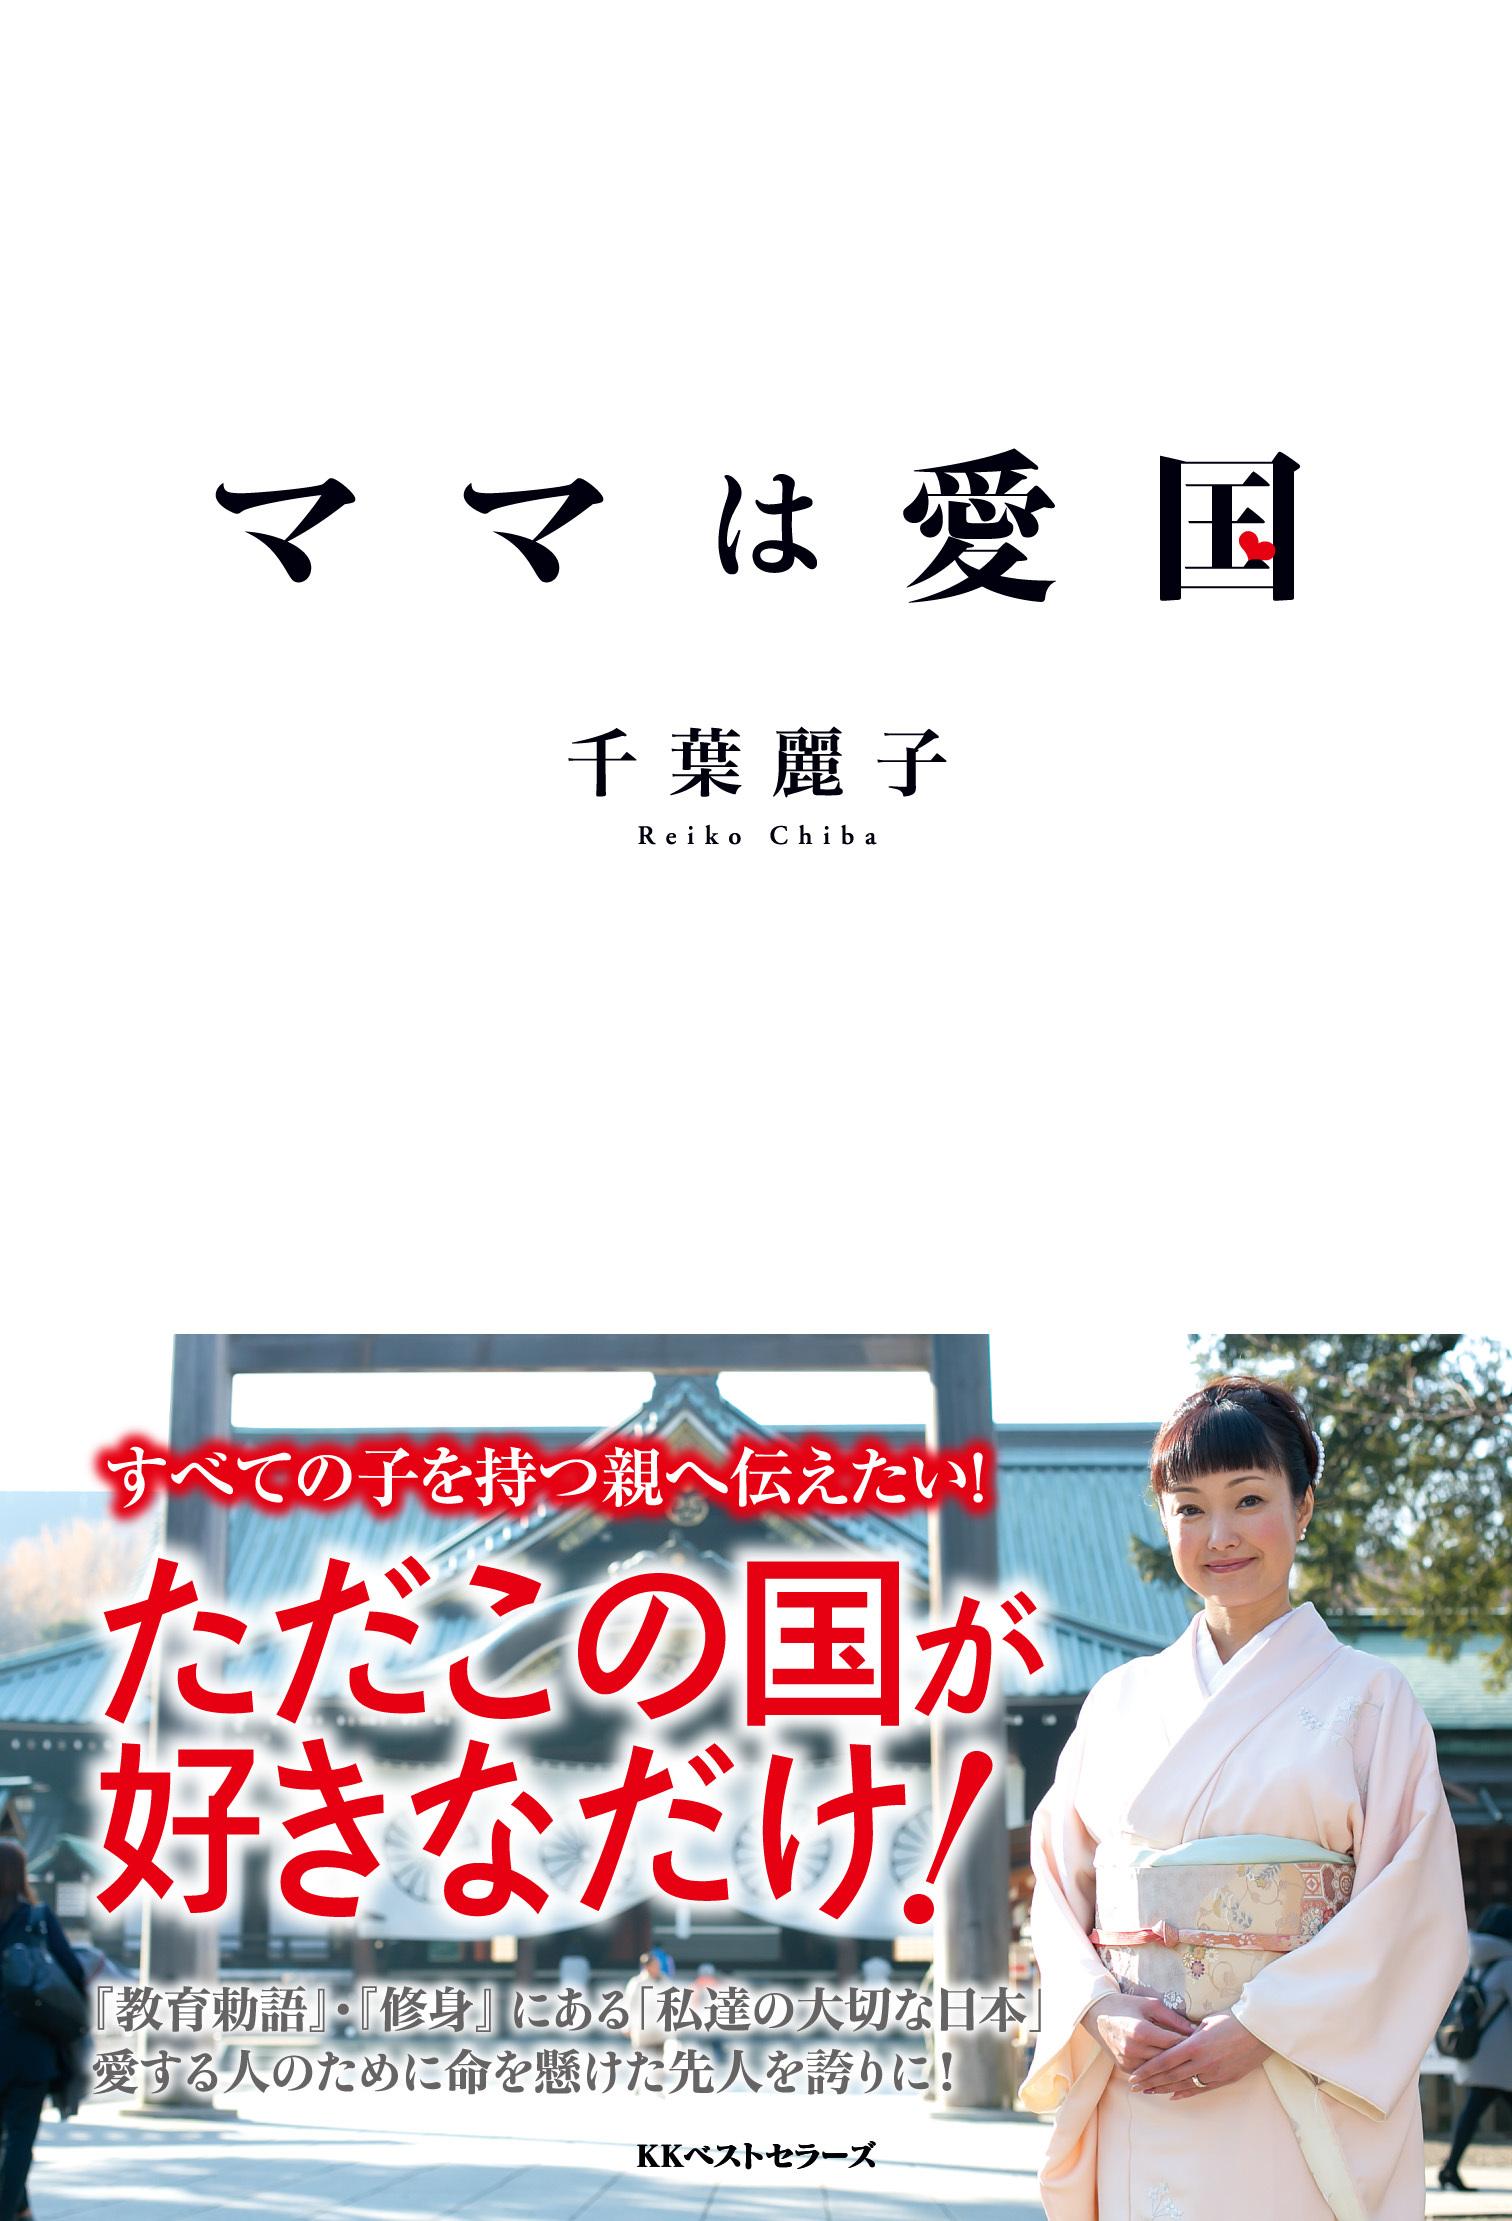 『ママは愛国』が朝雲新聞にて紹介されました!